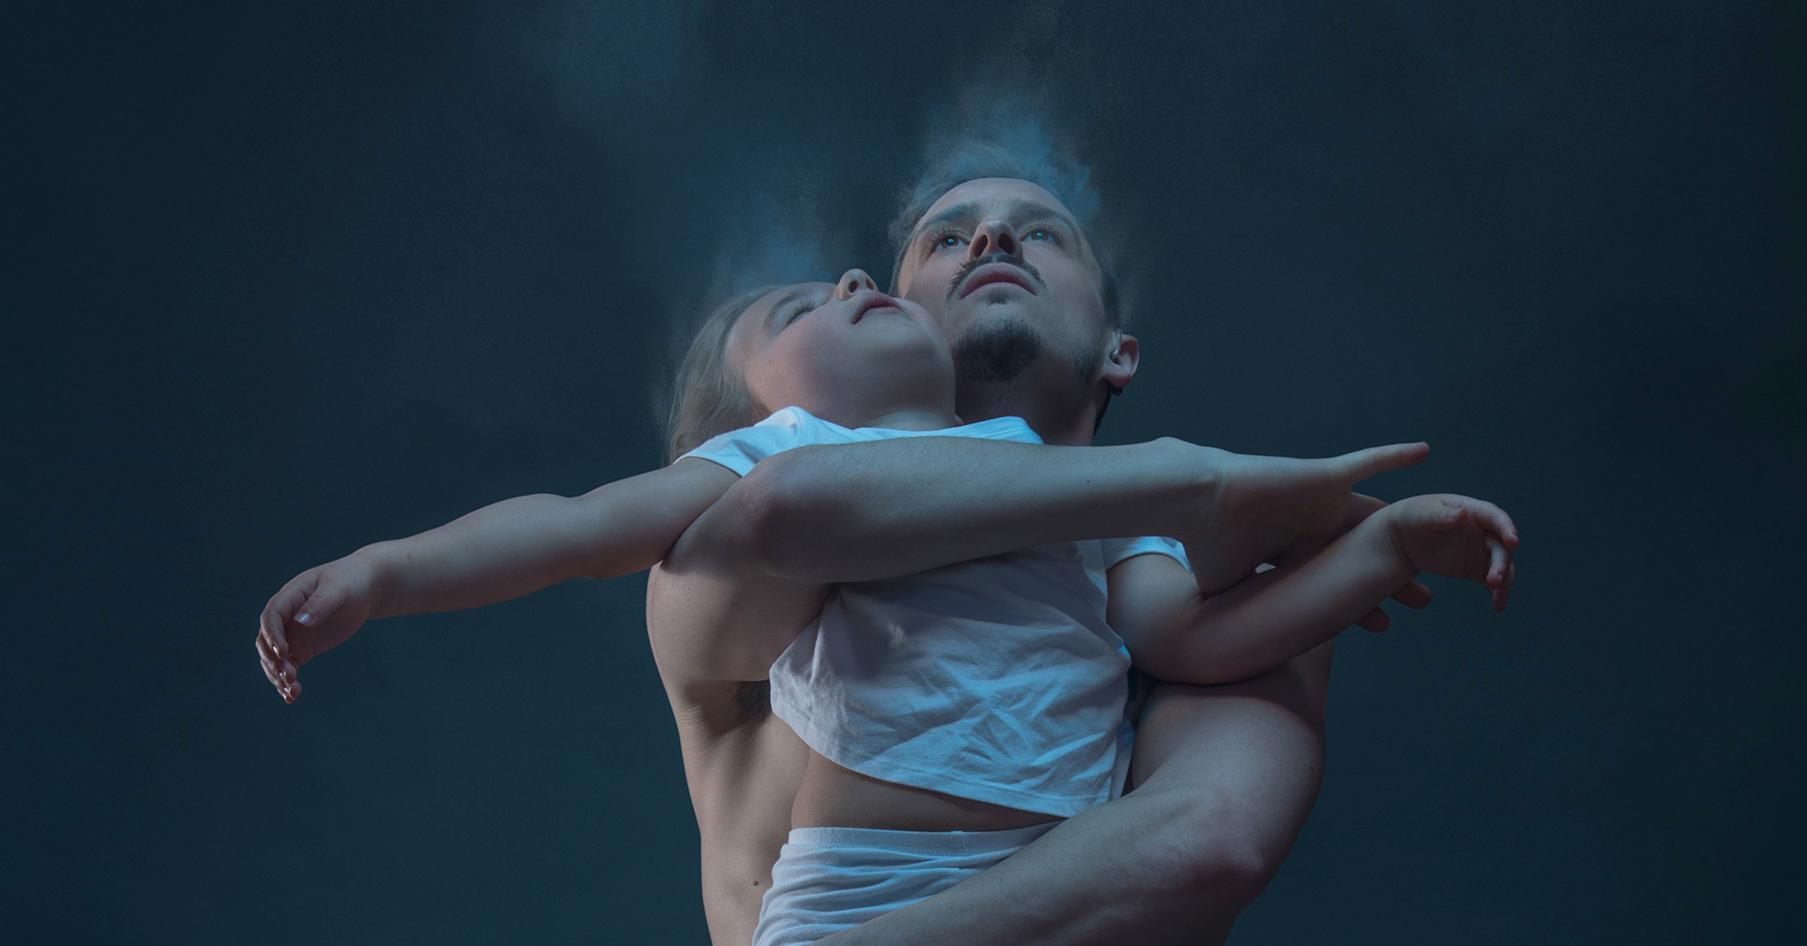 191201_danse_NOT QUITE MIDNIGHT_CAS PUBLIC_C_Damian Siqueiros_THEATRE DE LA MADELEINE_TROYES_SZENIK